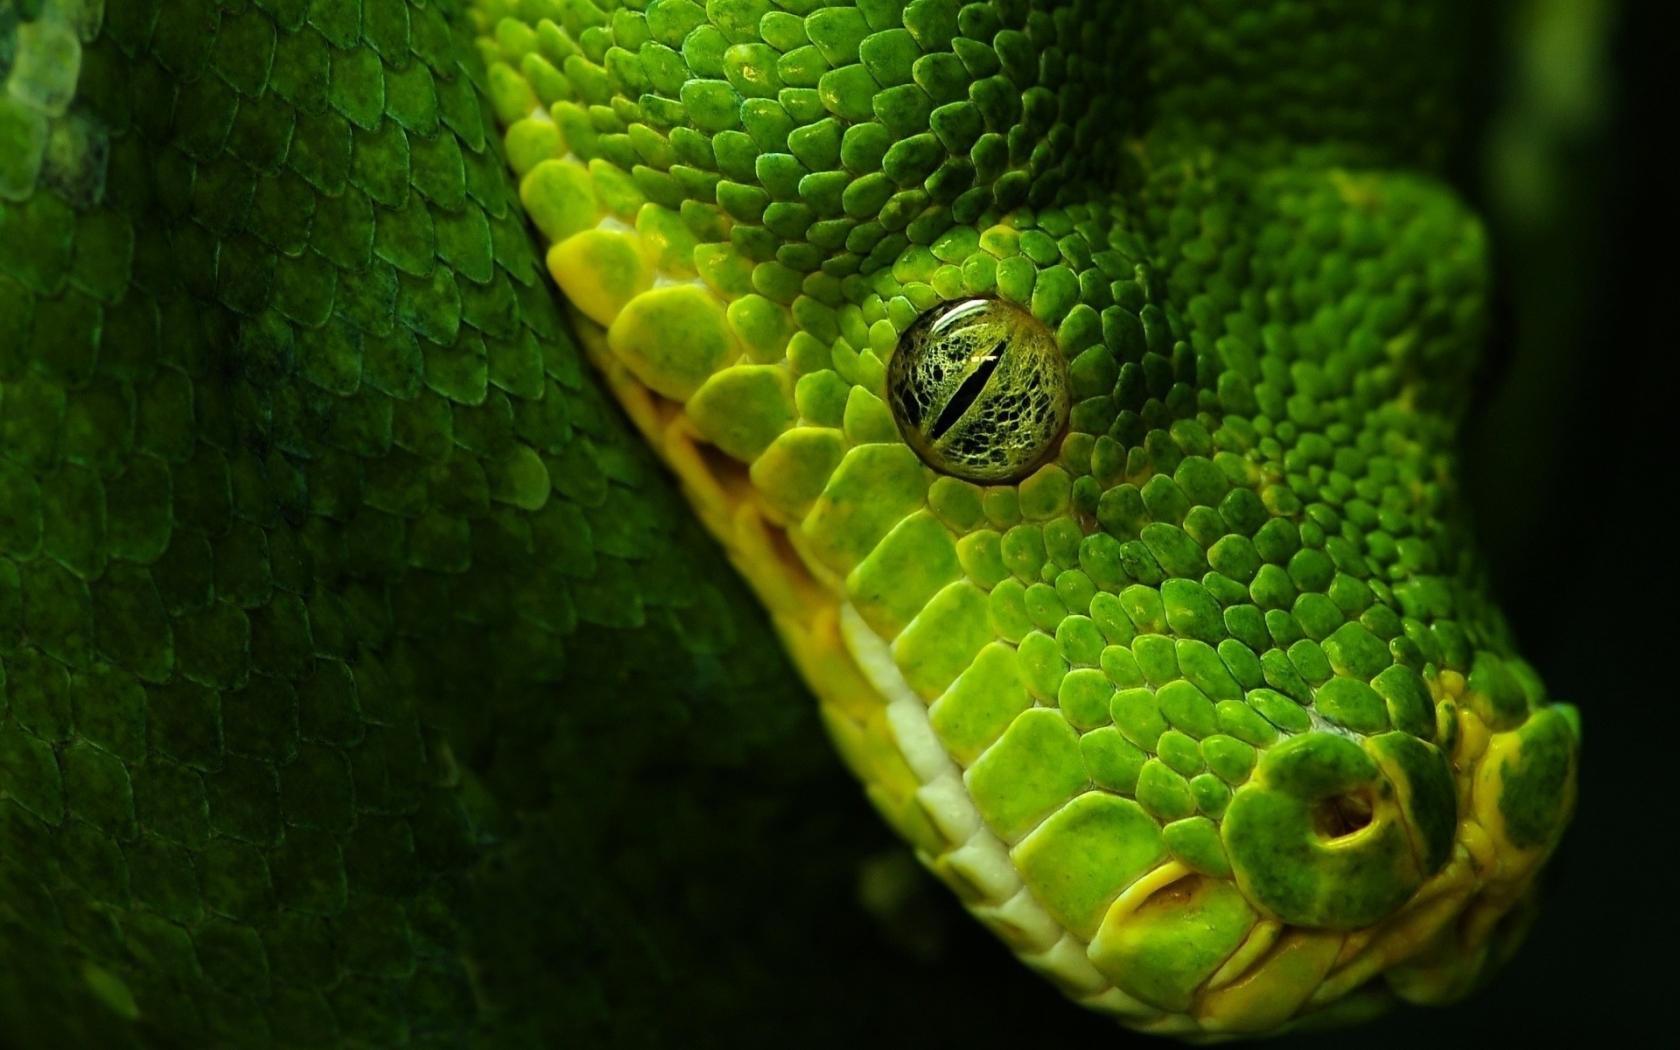 Cabeza de serpiente verde - 1680x1050